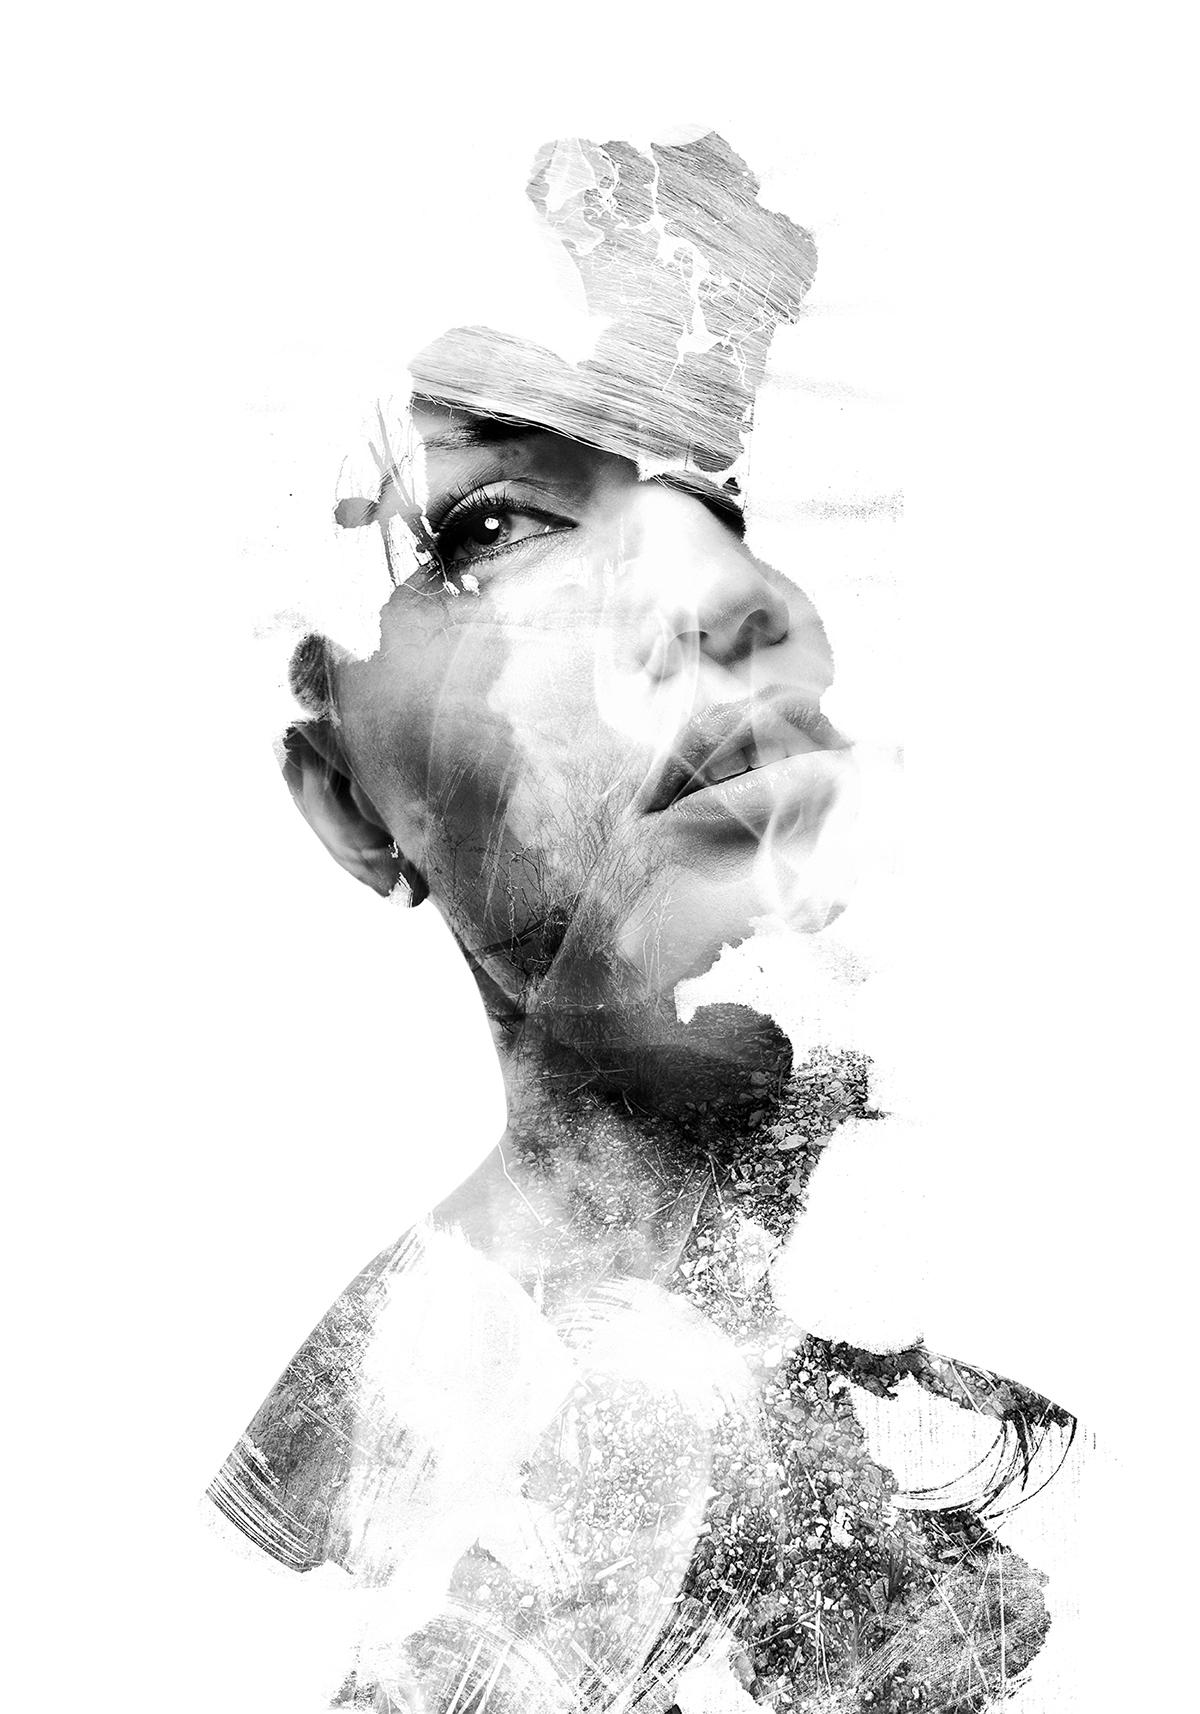 portrait woman beauty black/white colors watercolors double exposure multiple exposure Emi Haze emi haze art